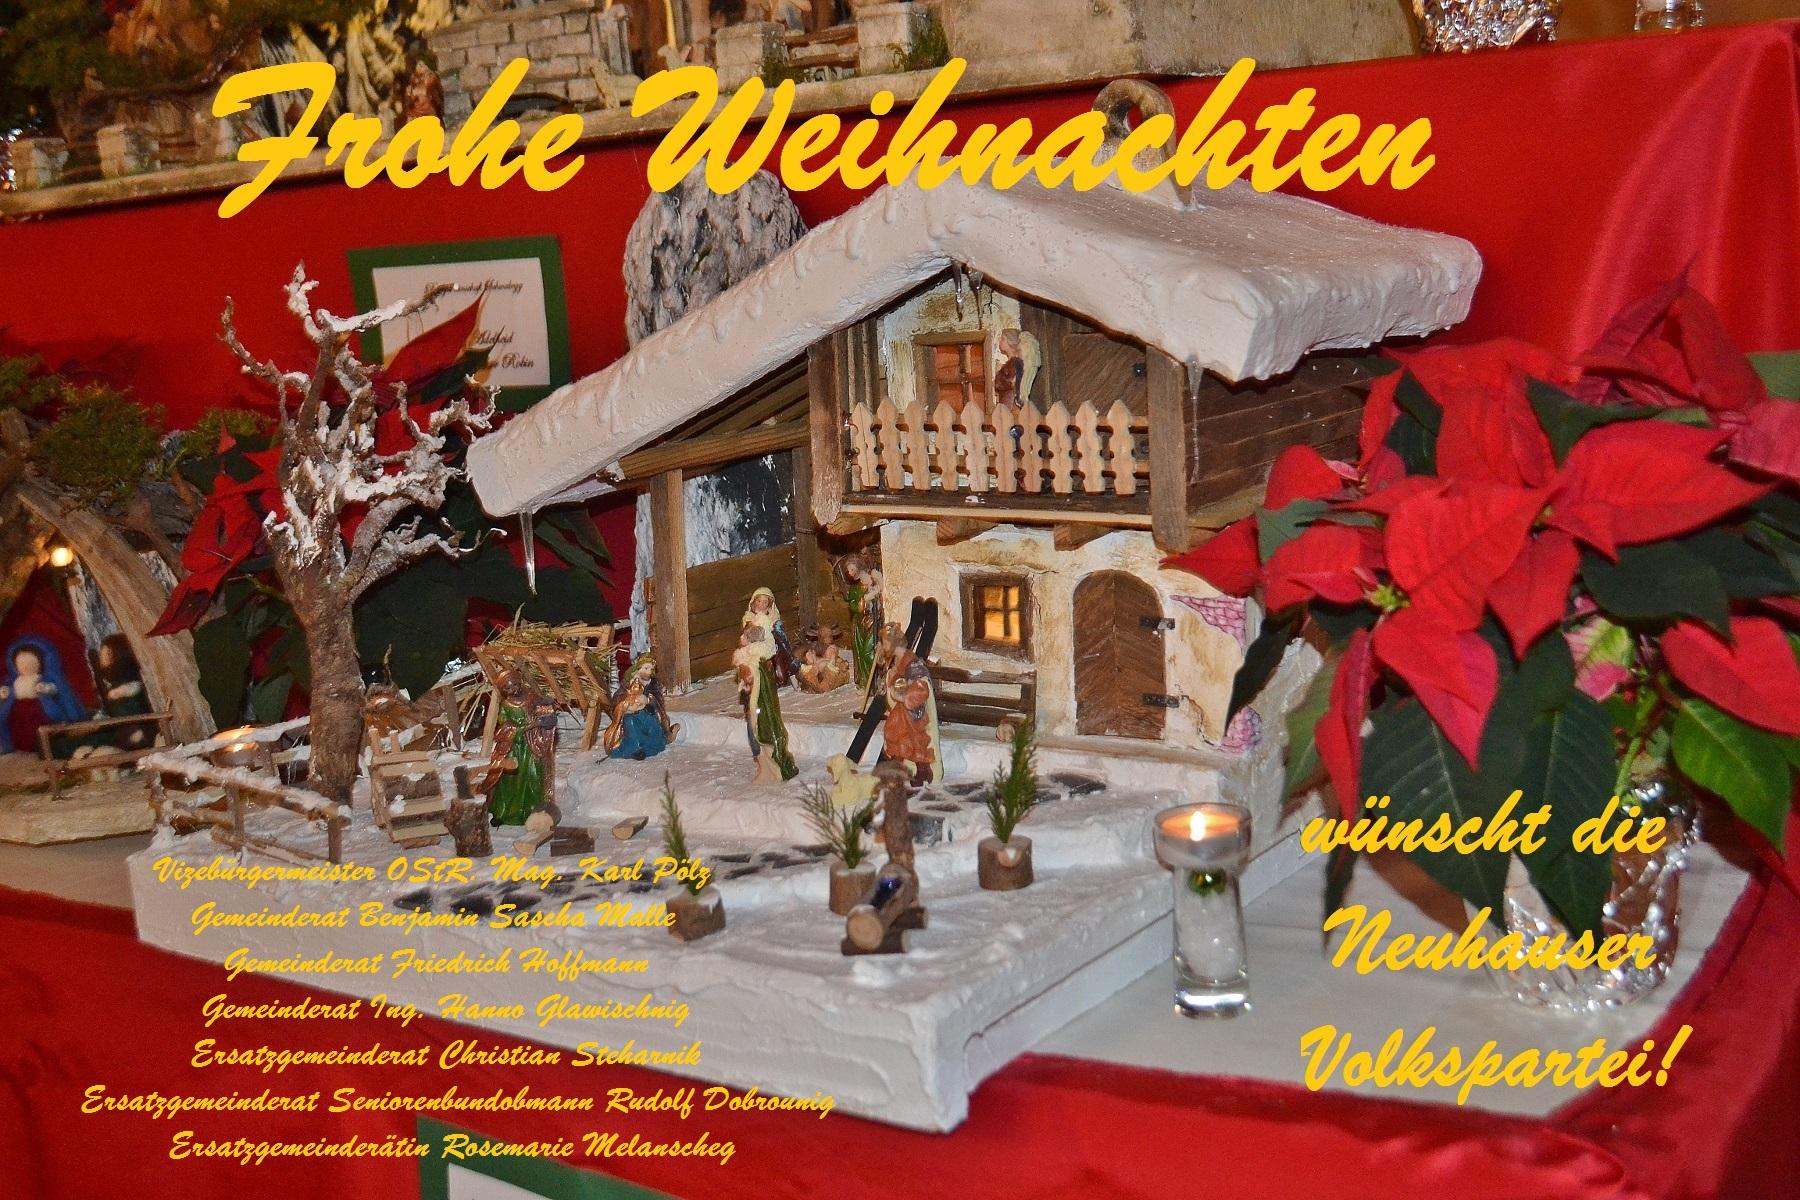 Frohe Weihnachten ÖVP Neuhaus 1